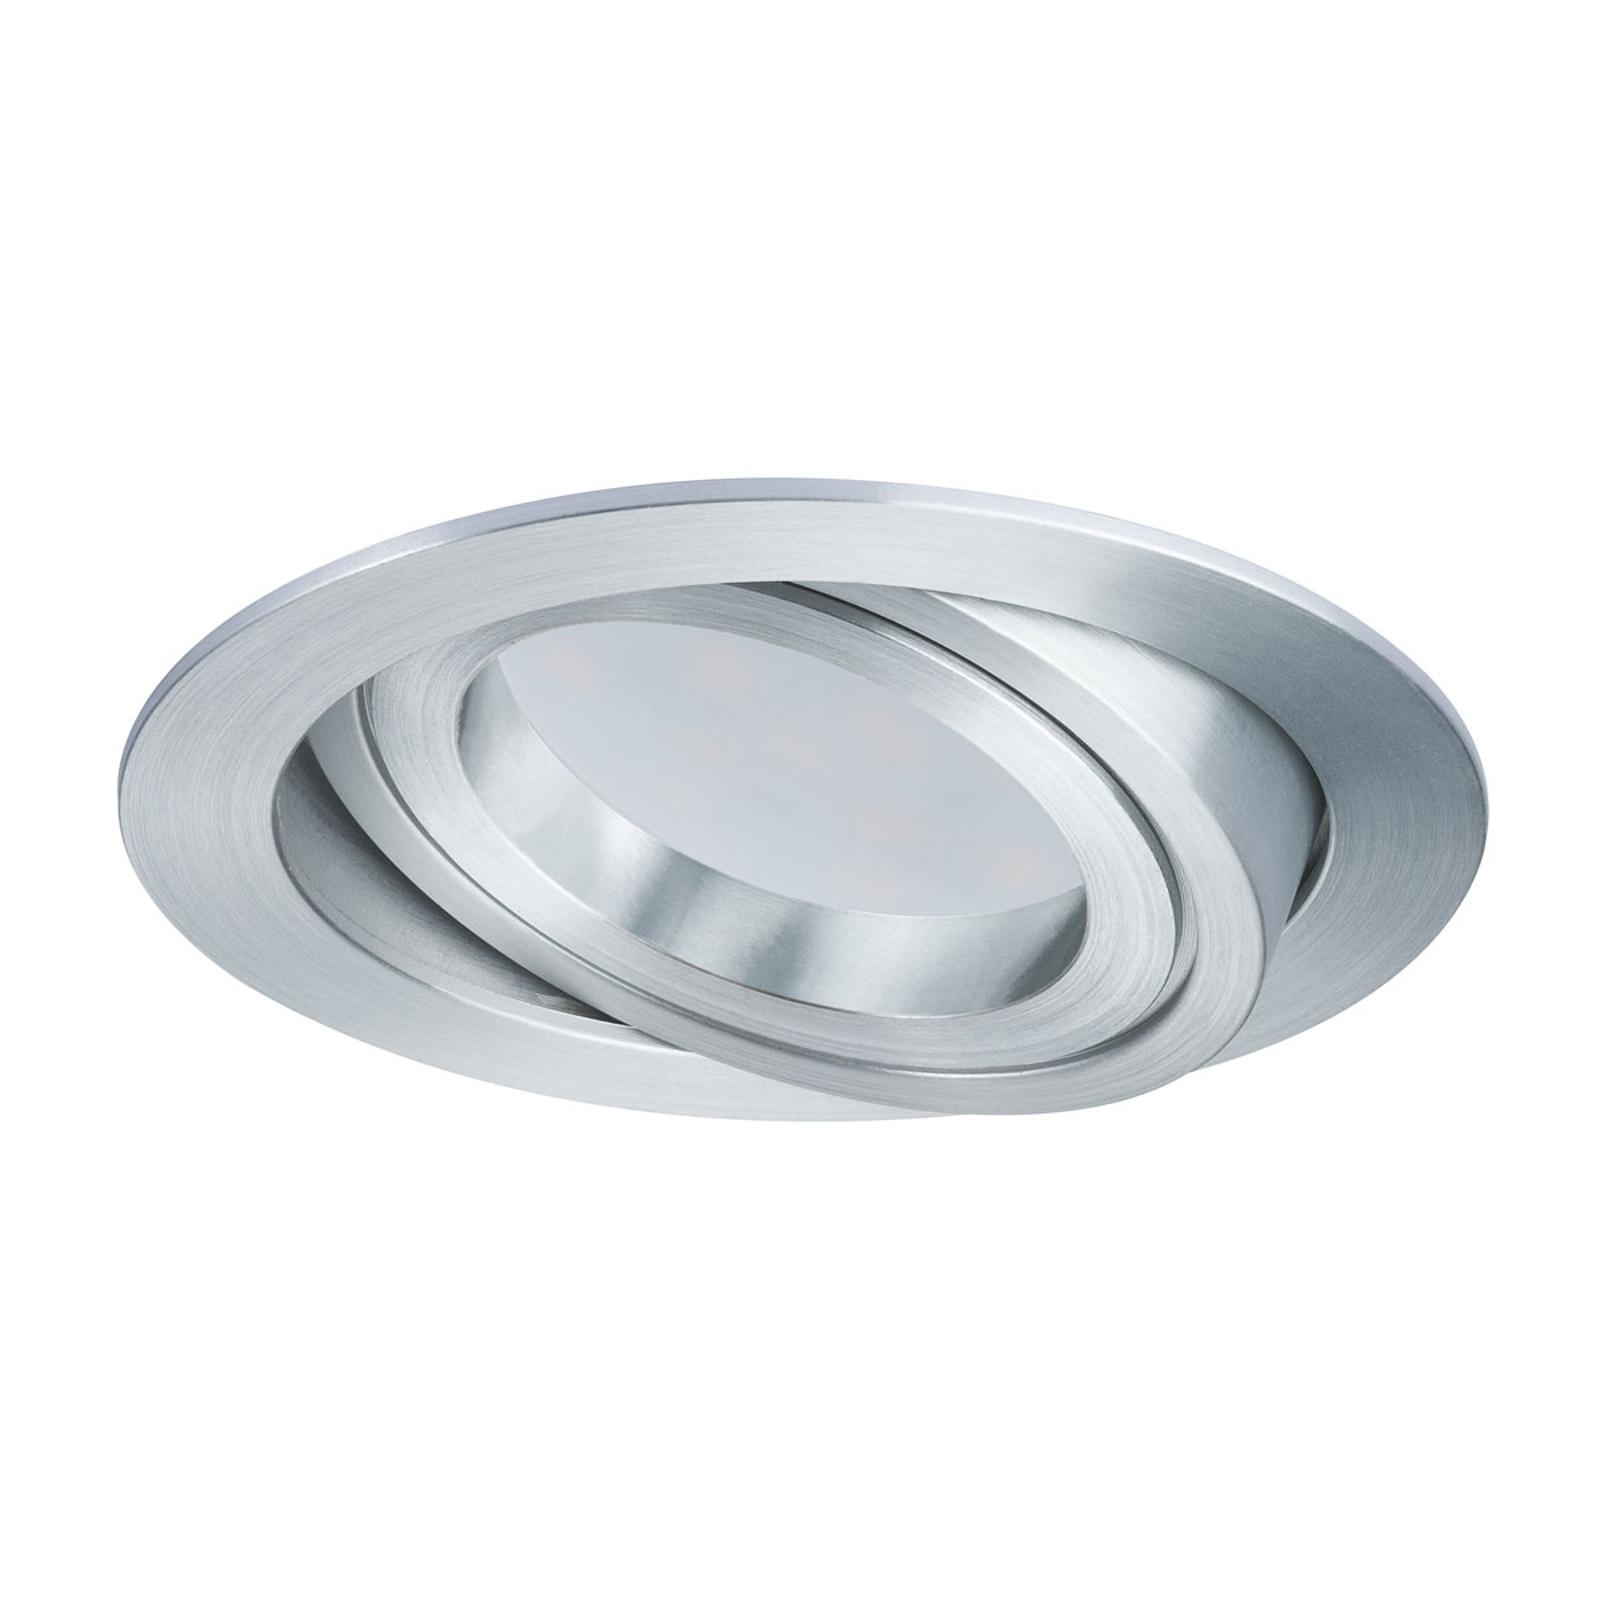 Paulmann LED-Spot Coin 3x7W dimm-/schwenkbar, Alu